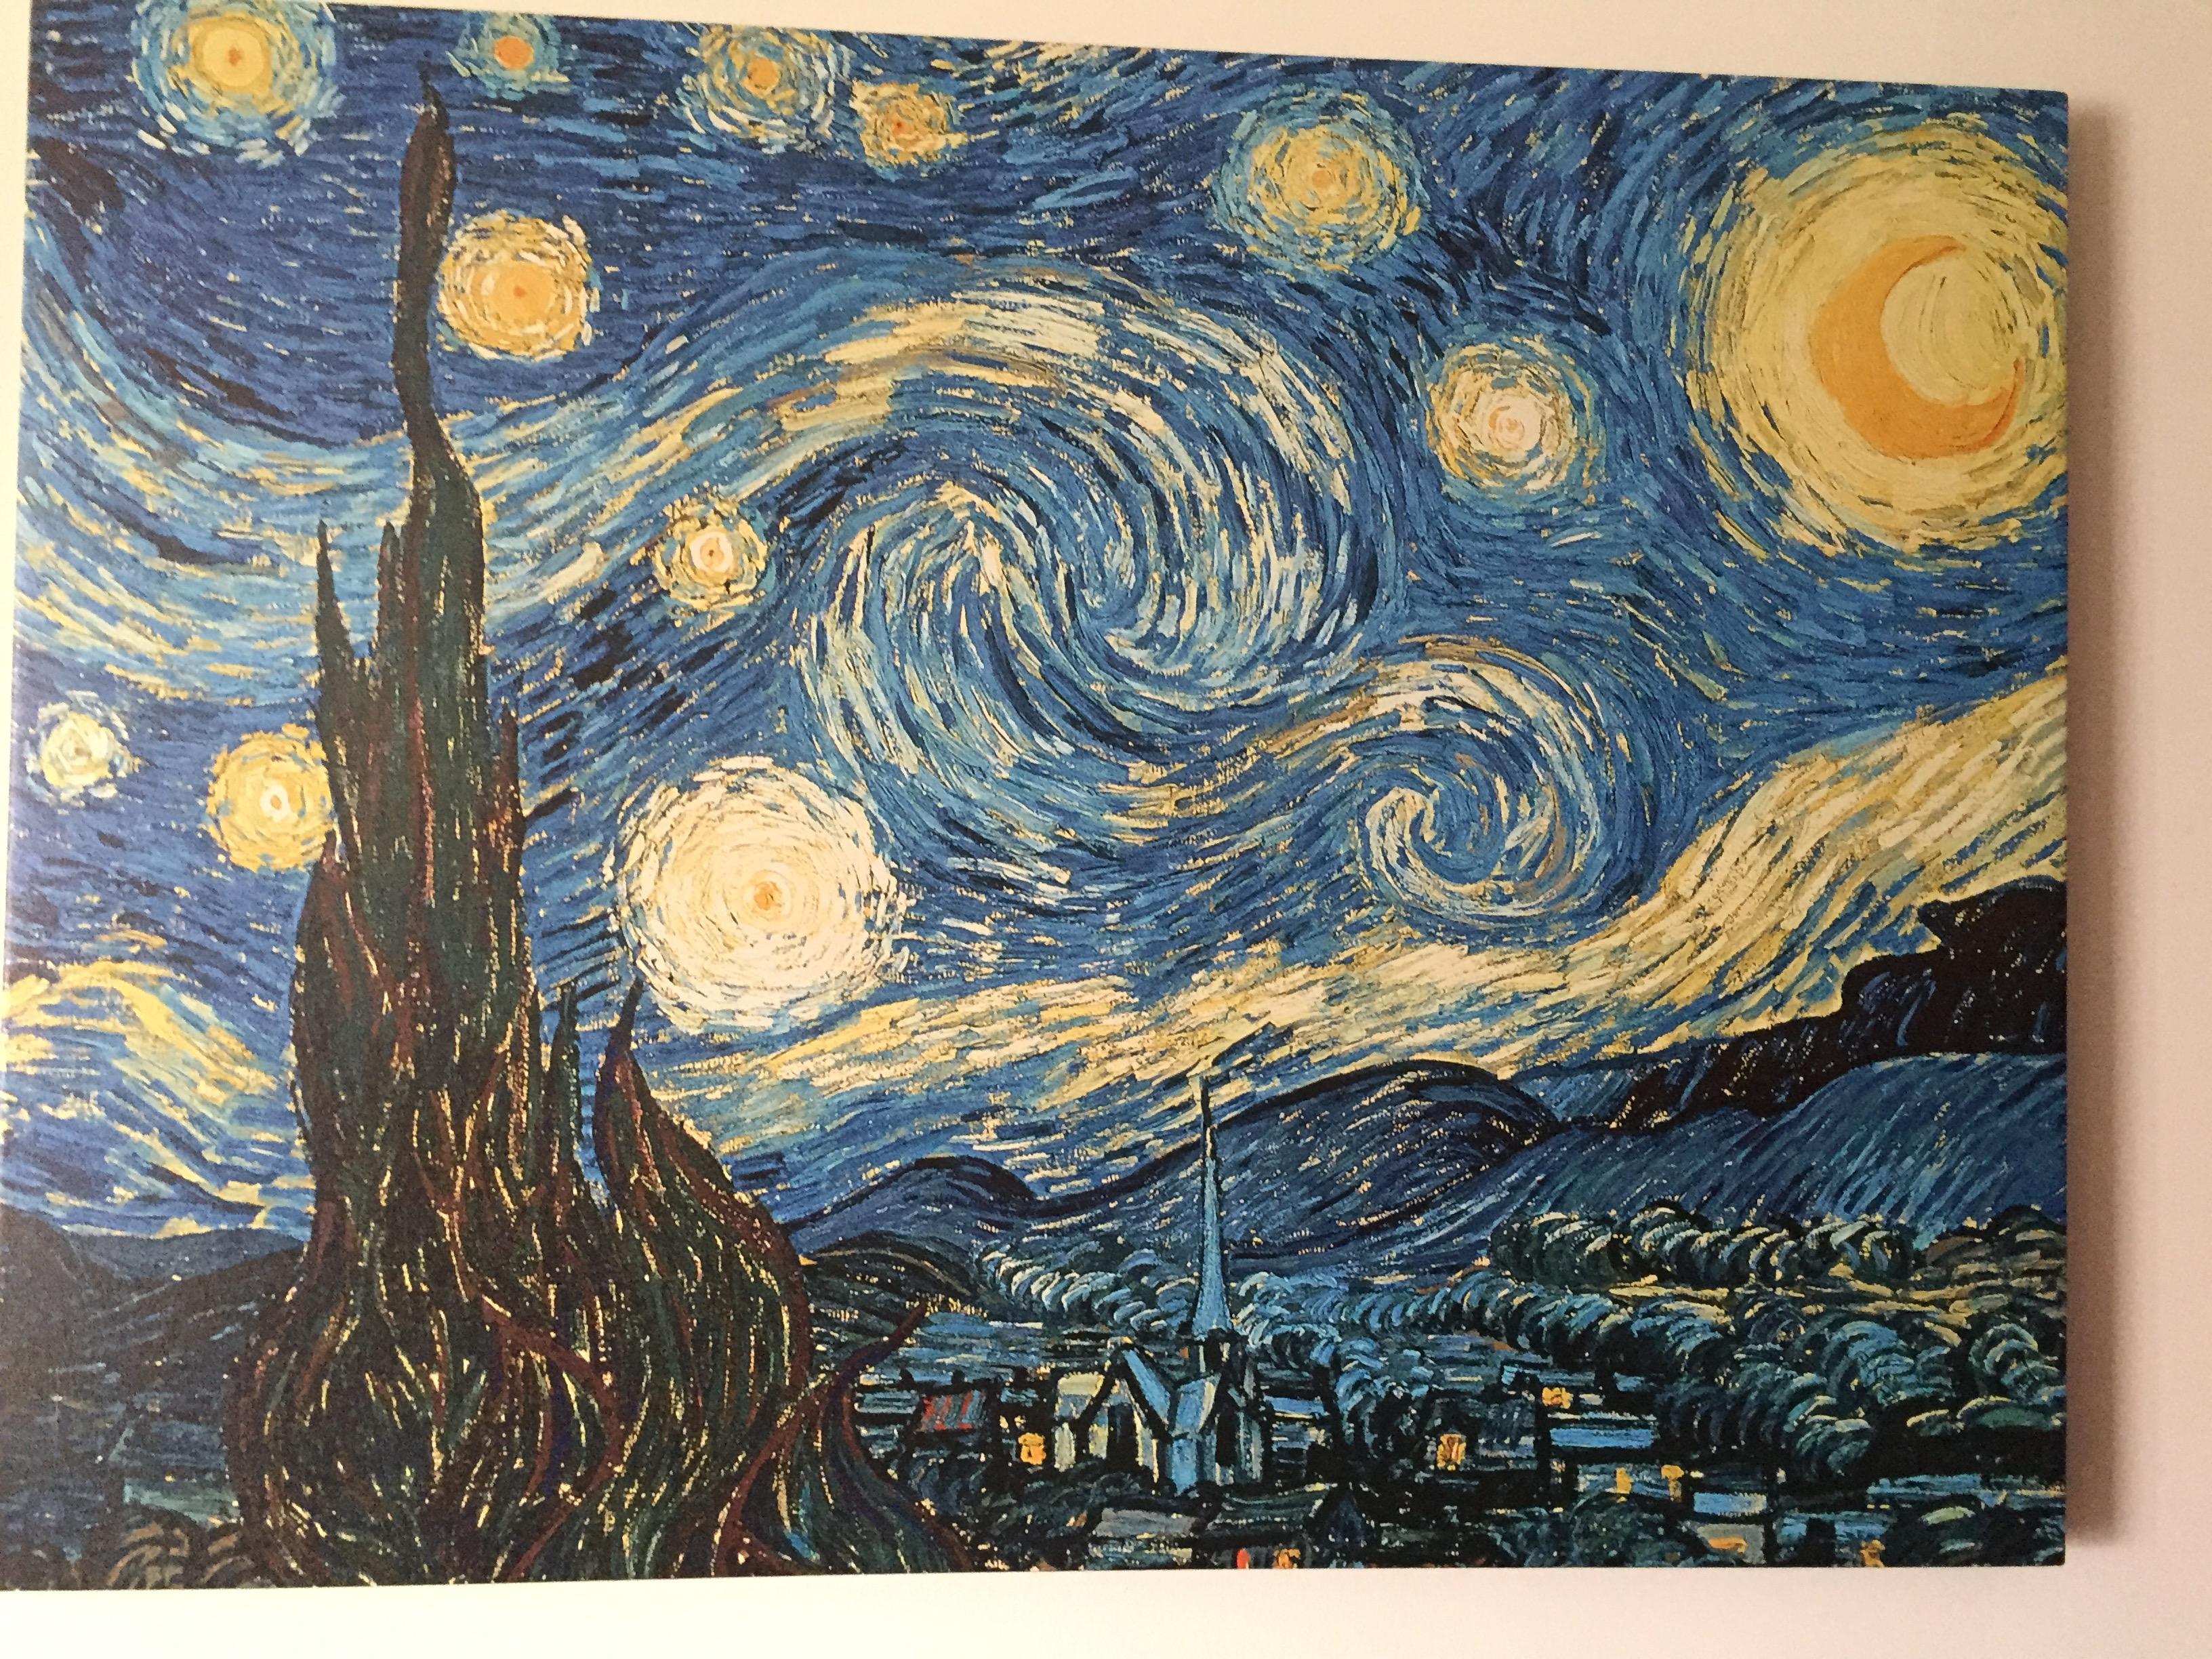 罗岛梵高星空画作装饰画出售增添房屋情趣